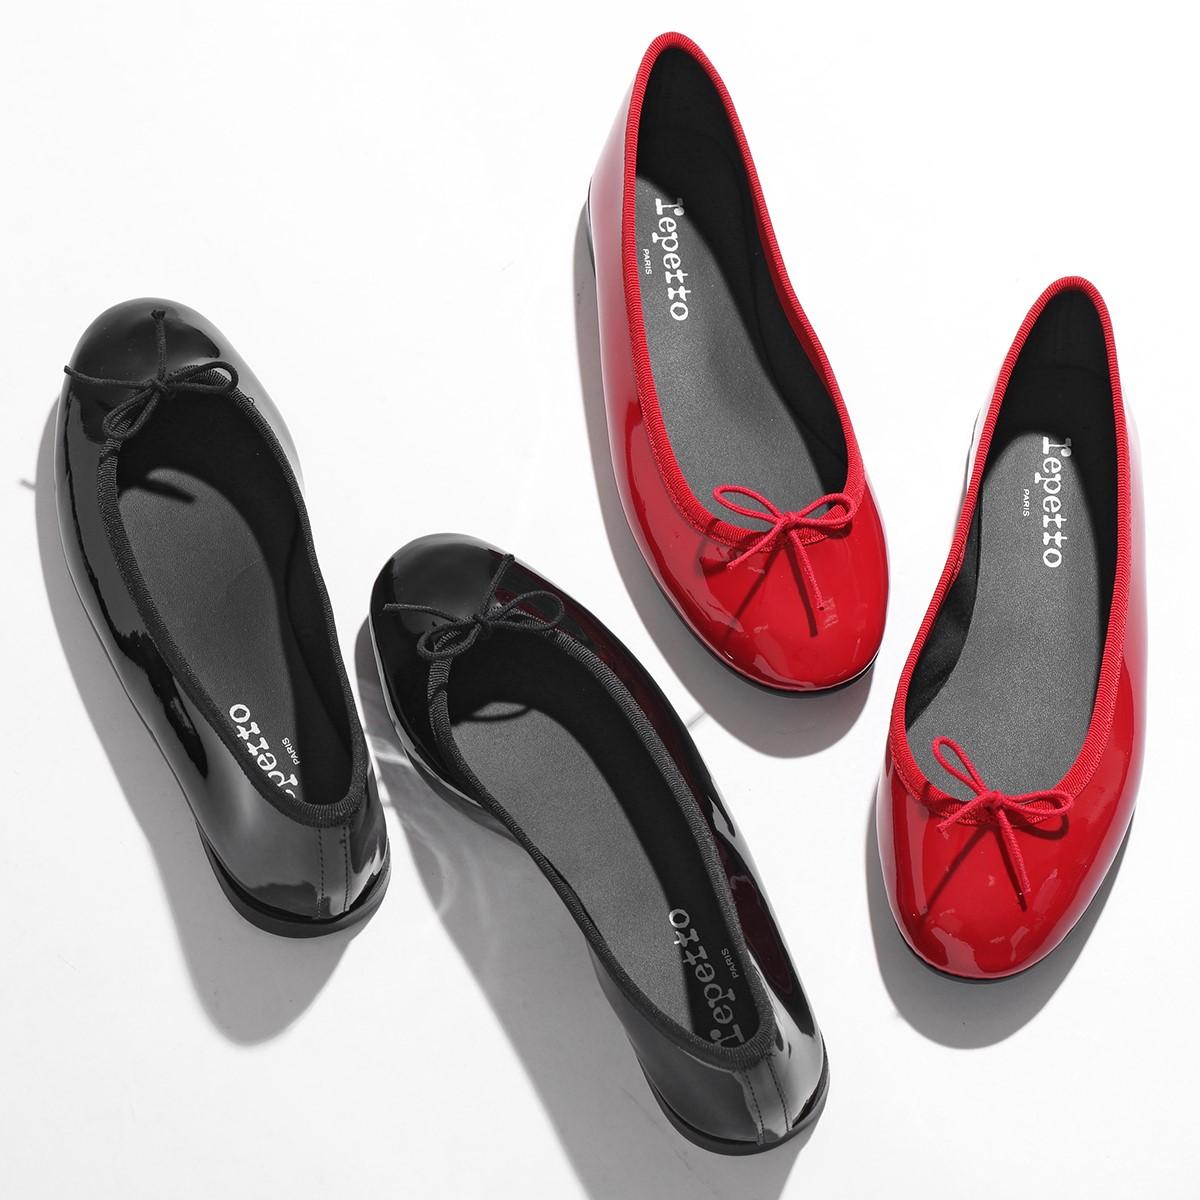 2021年秋冬新作 新品 送料無料 repetto レペット V1790VLUX NEW ARRIVAL LILI BALLELINA AD リリ パテントレザー レインシューズ バレエシューズ Noir ミティックゴムライン レディース 410 パンプス CP_15 靴